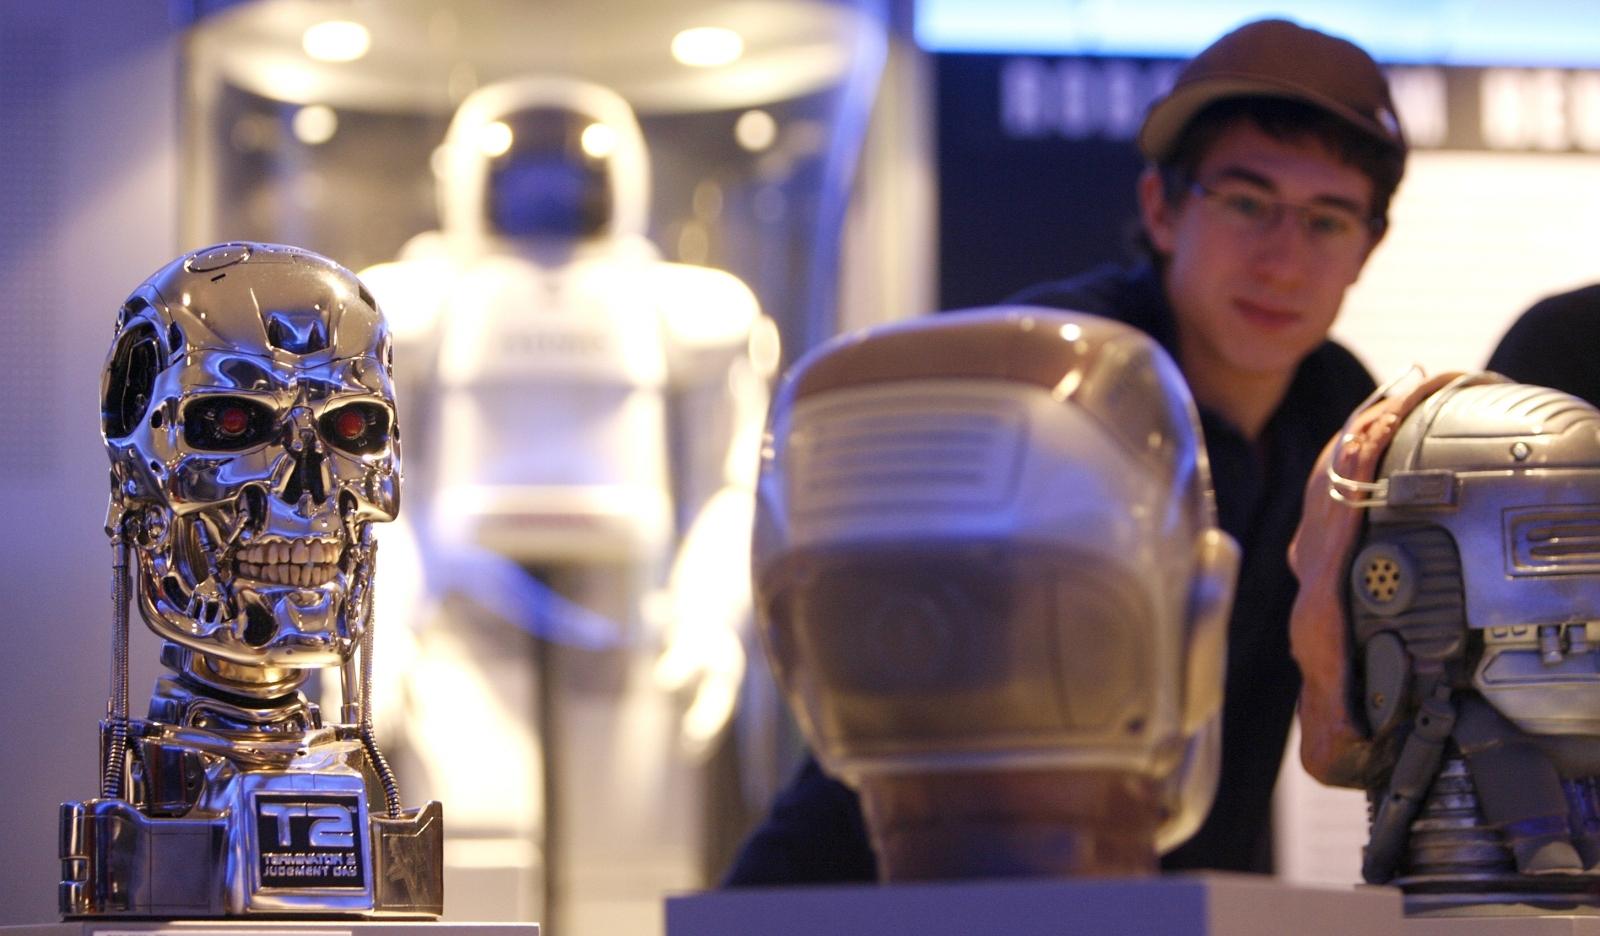 AI bots